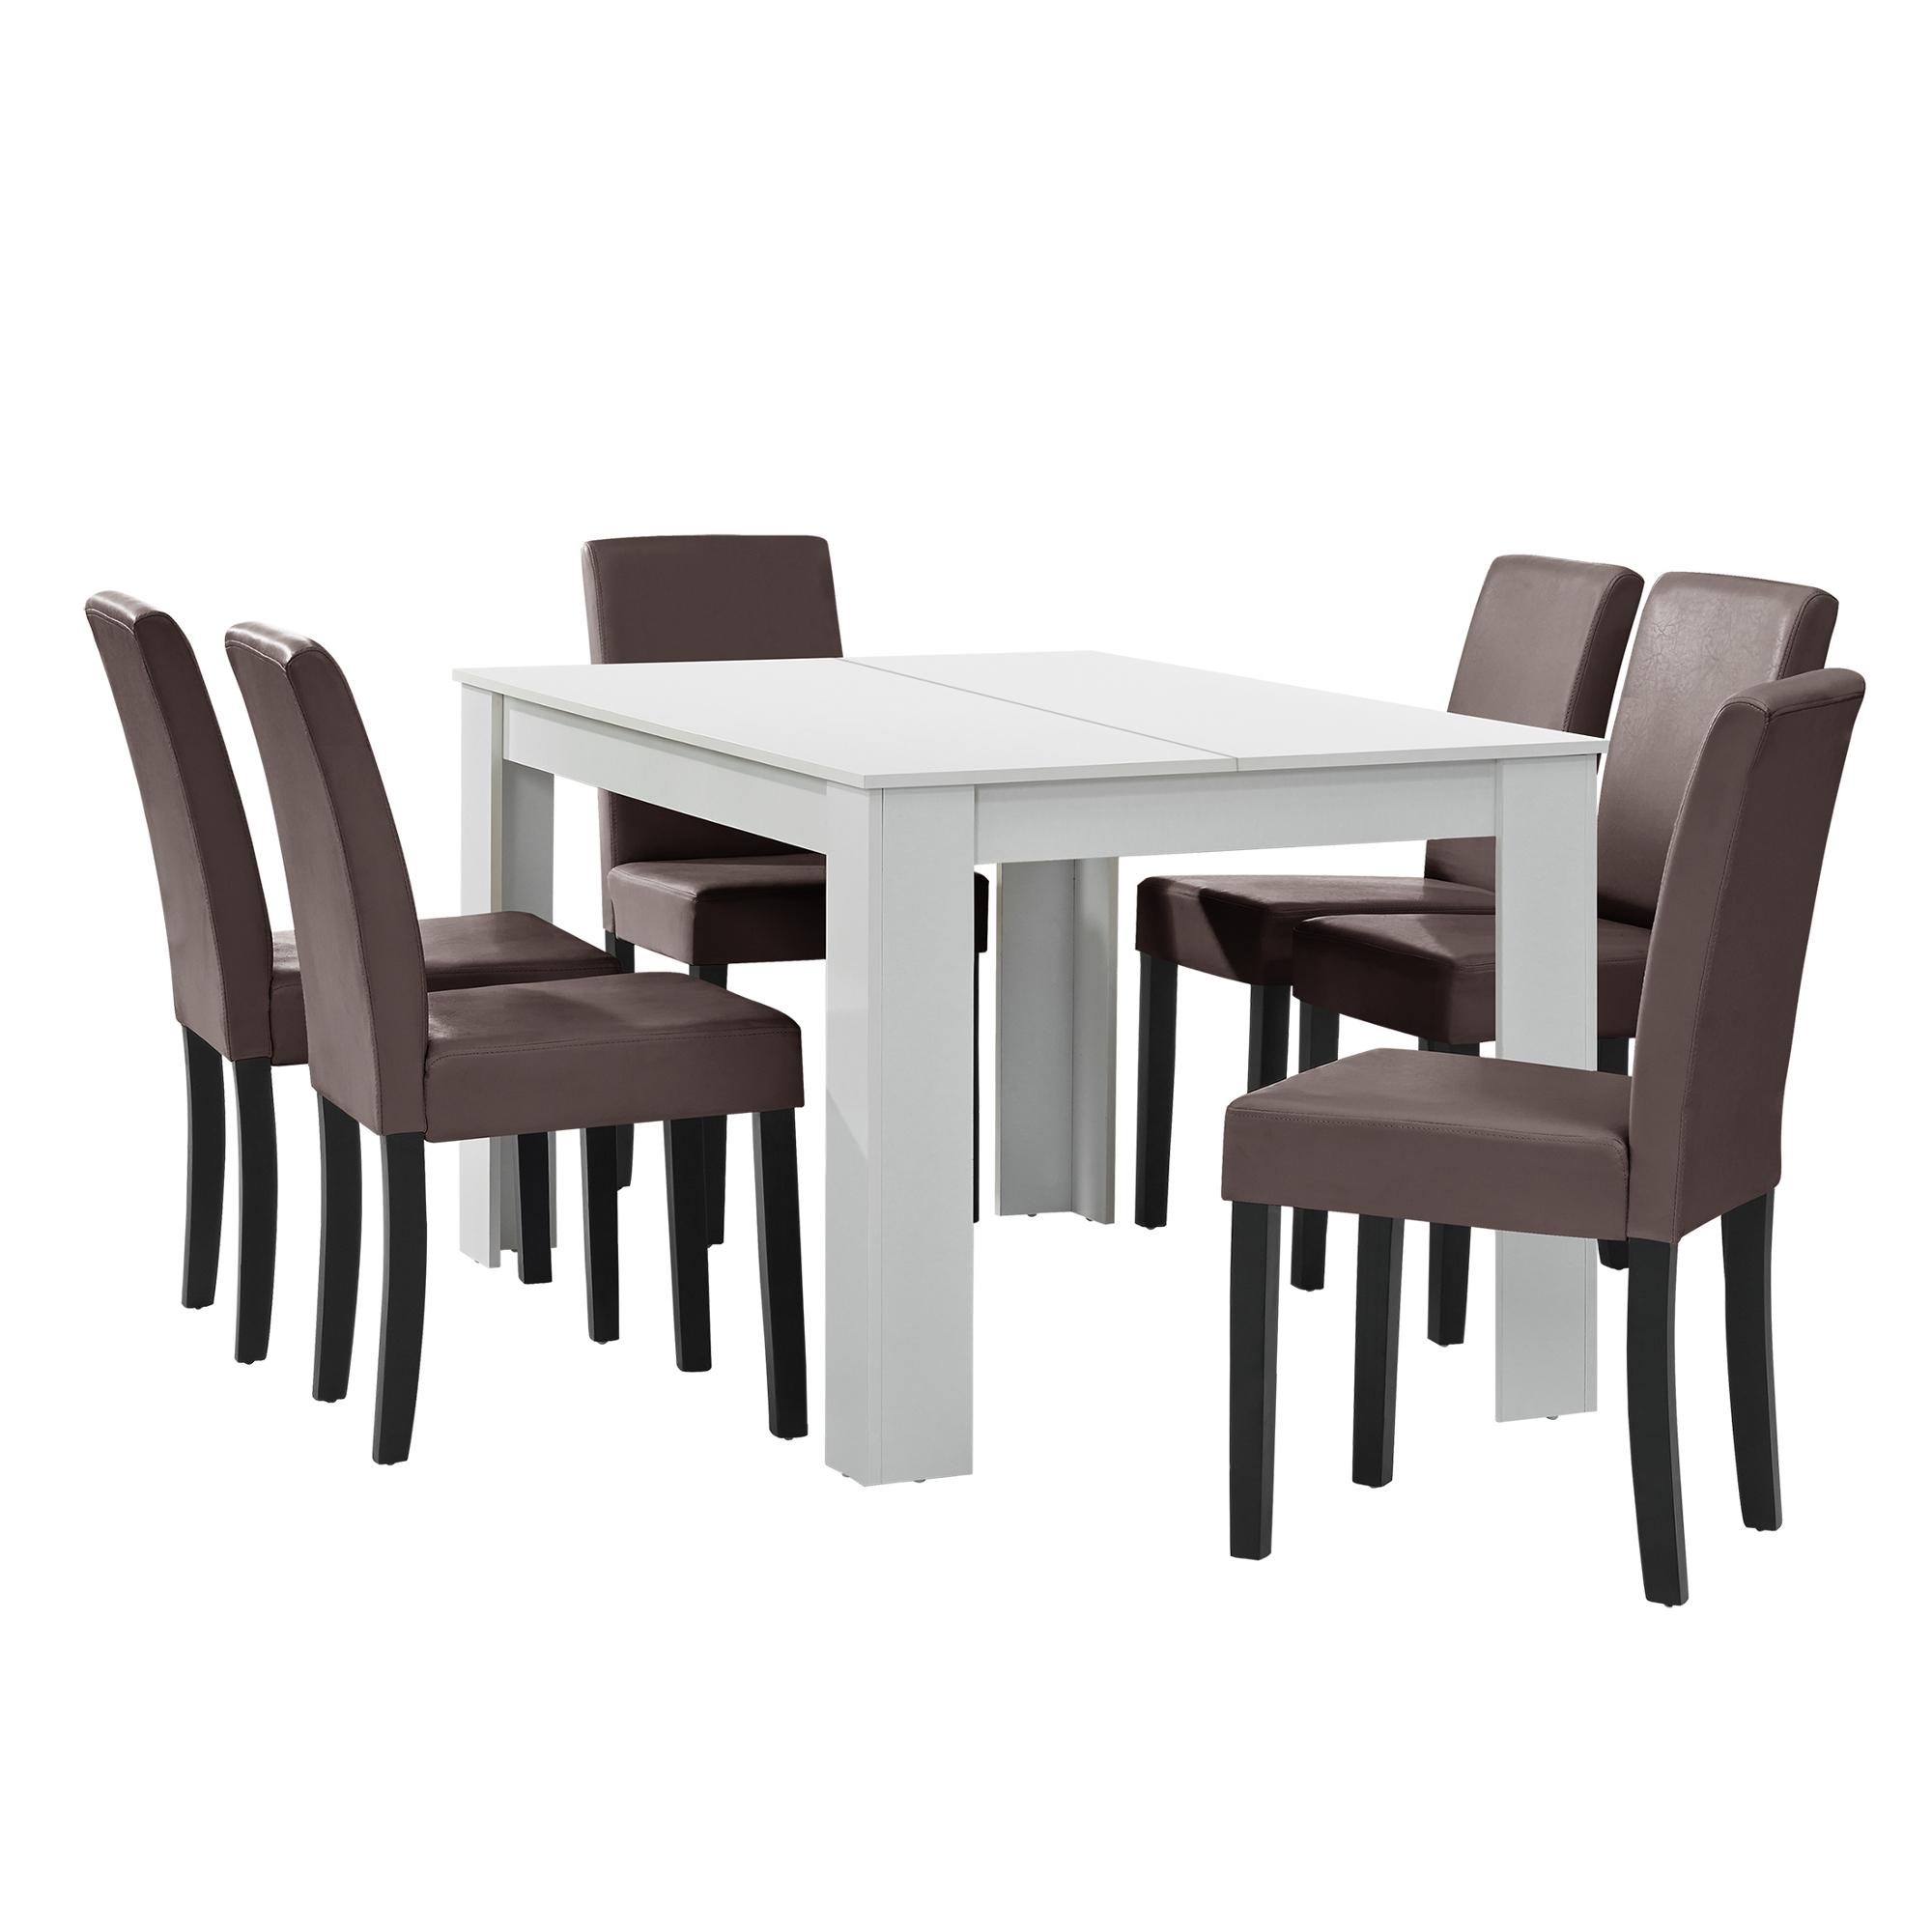 esstisch wei mit 6 st hlen braun 140x90 tisch st hle essgruppe ebay. Black Bedroom Furniture Sets. Home Design Ideas